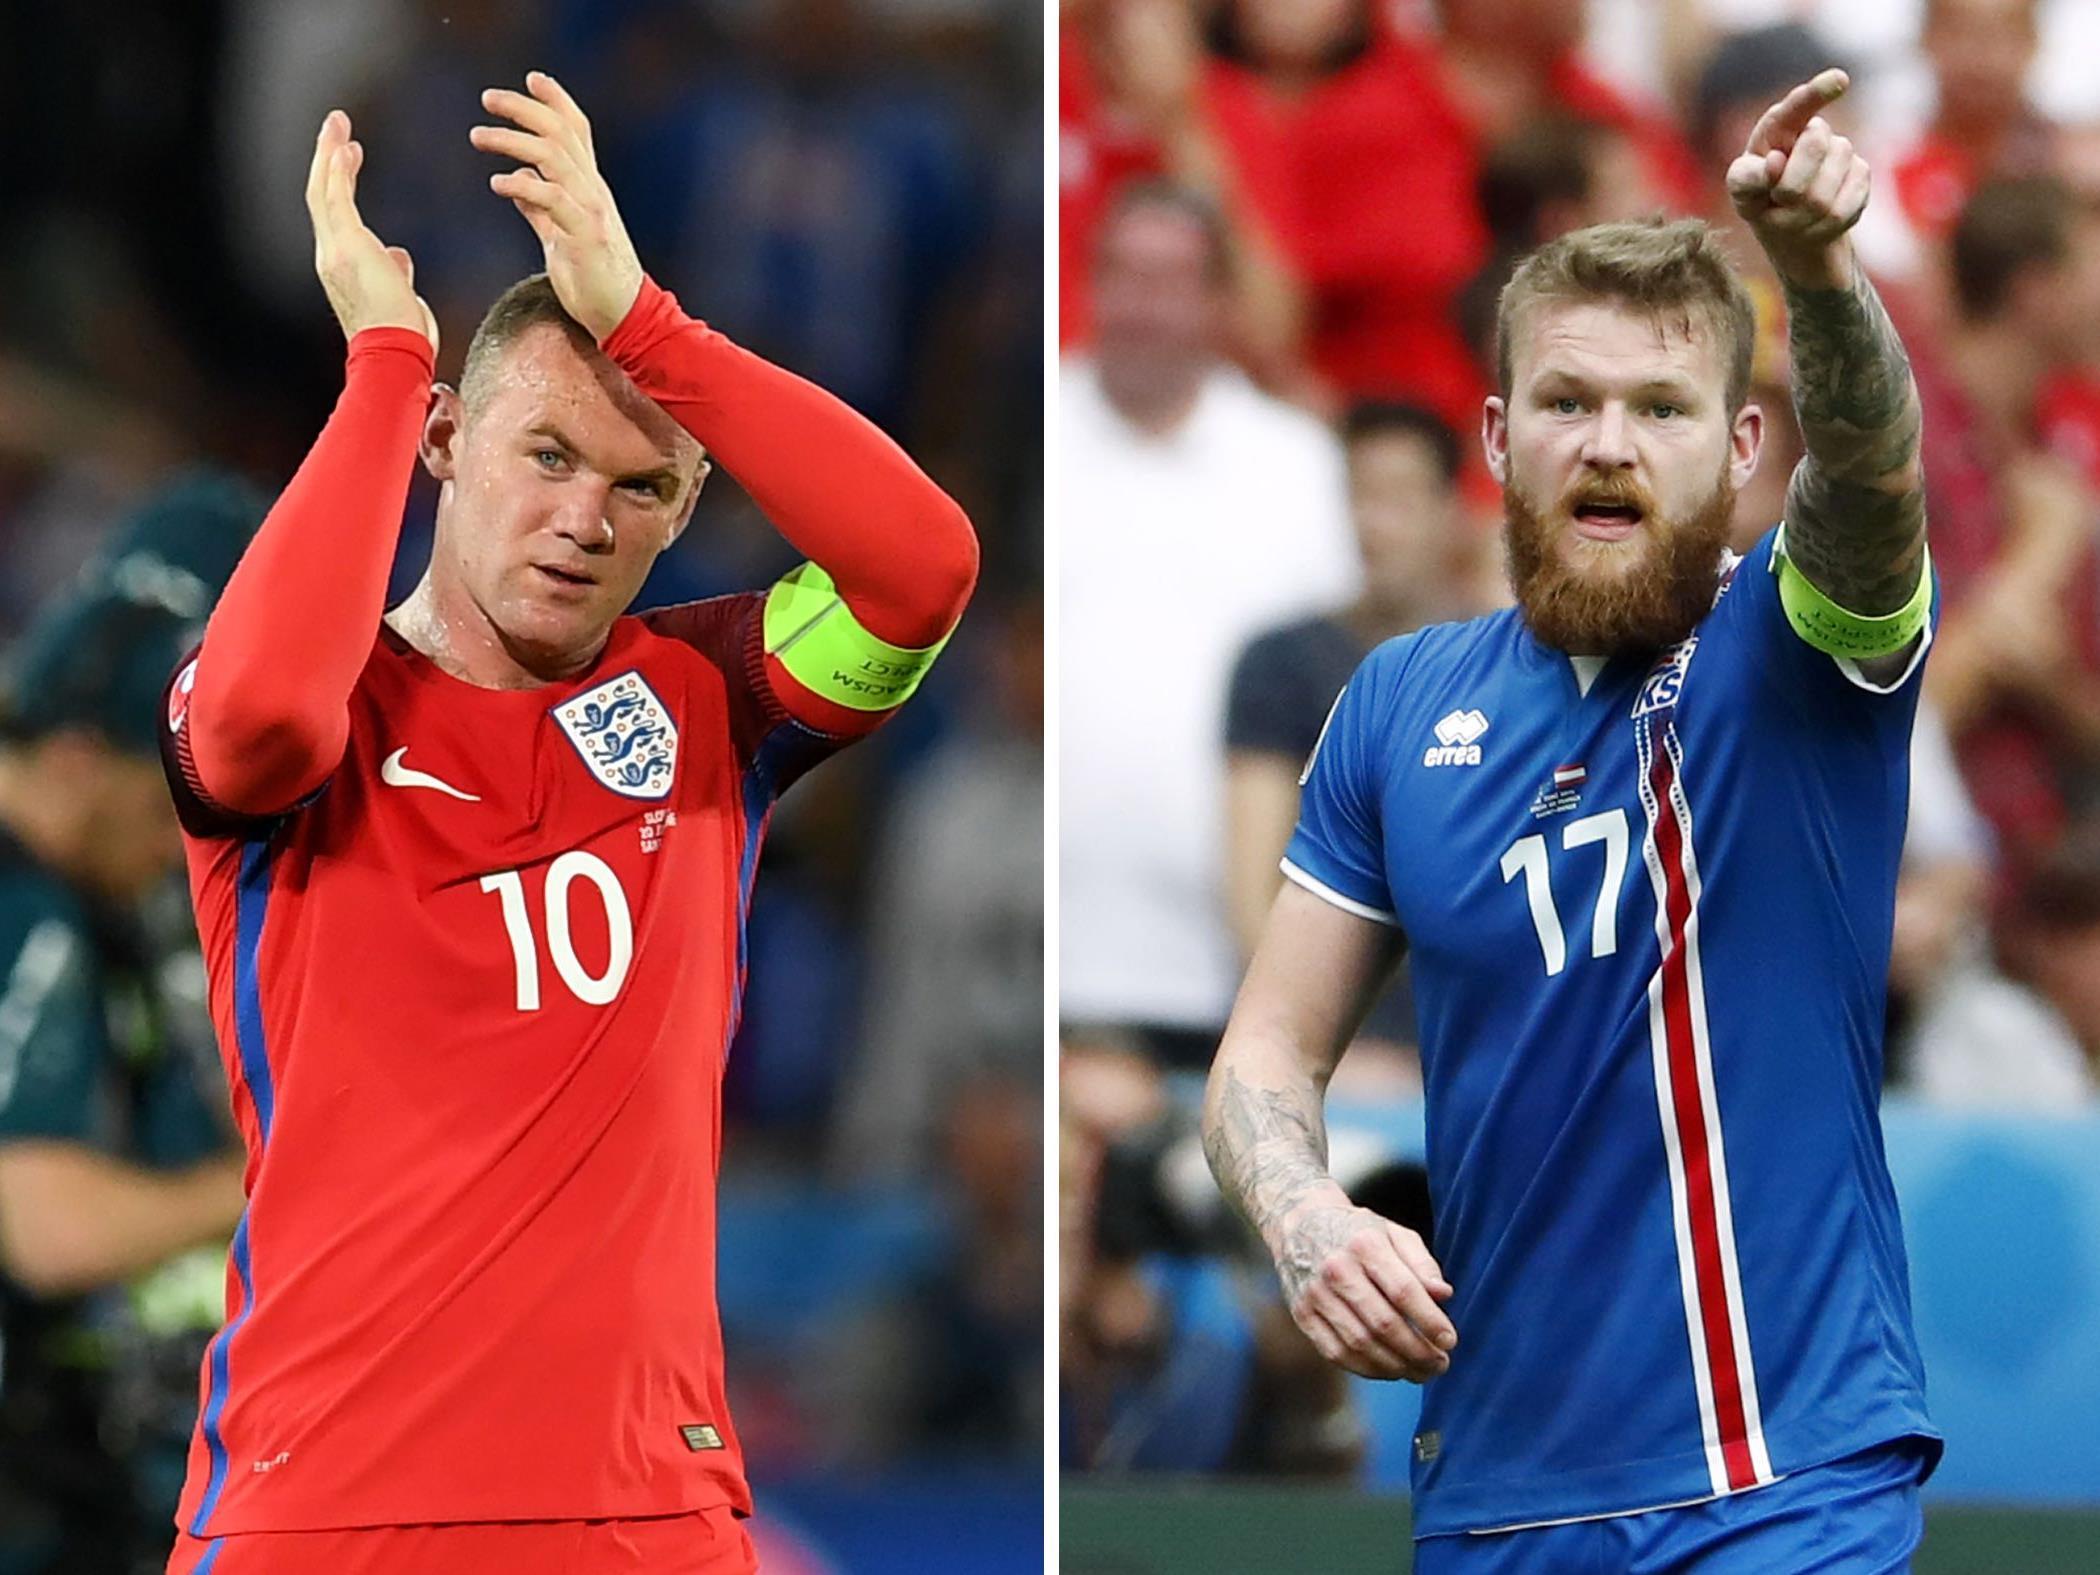 Das Achtelfinale zwischen England und Island LIVE auf VIENNA.at